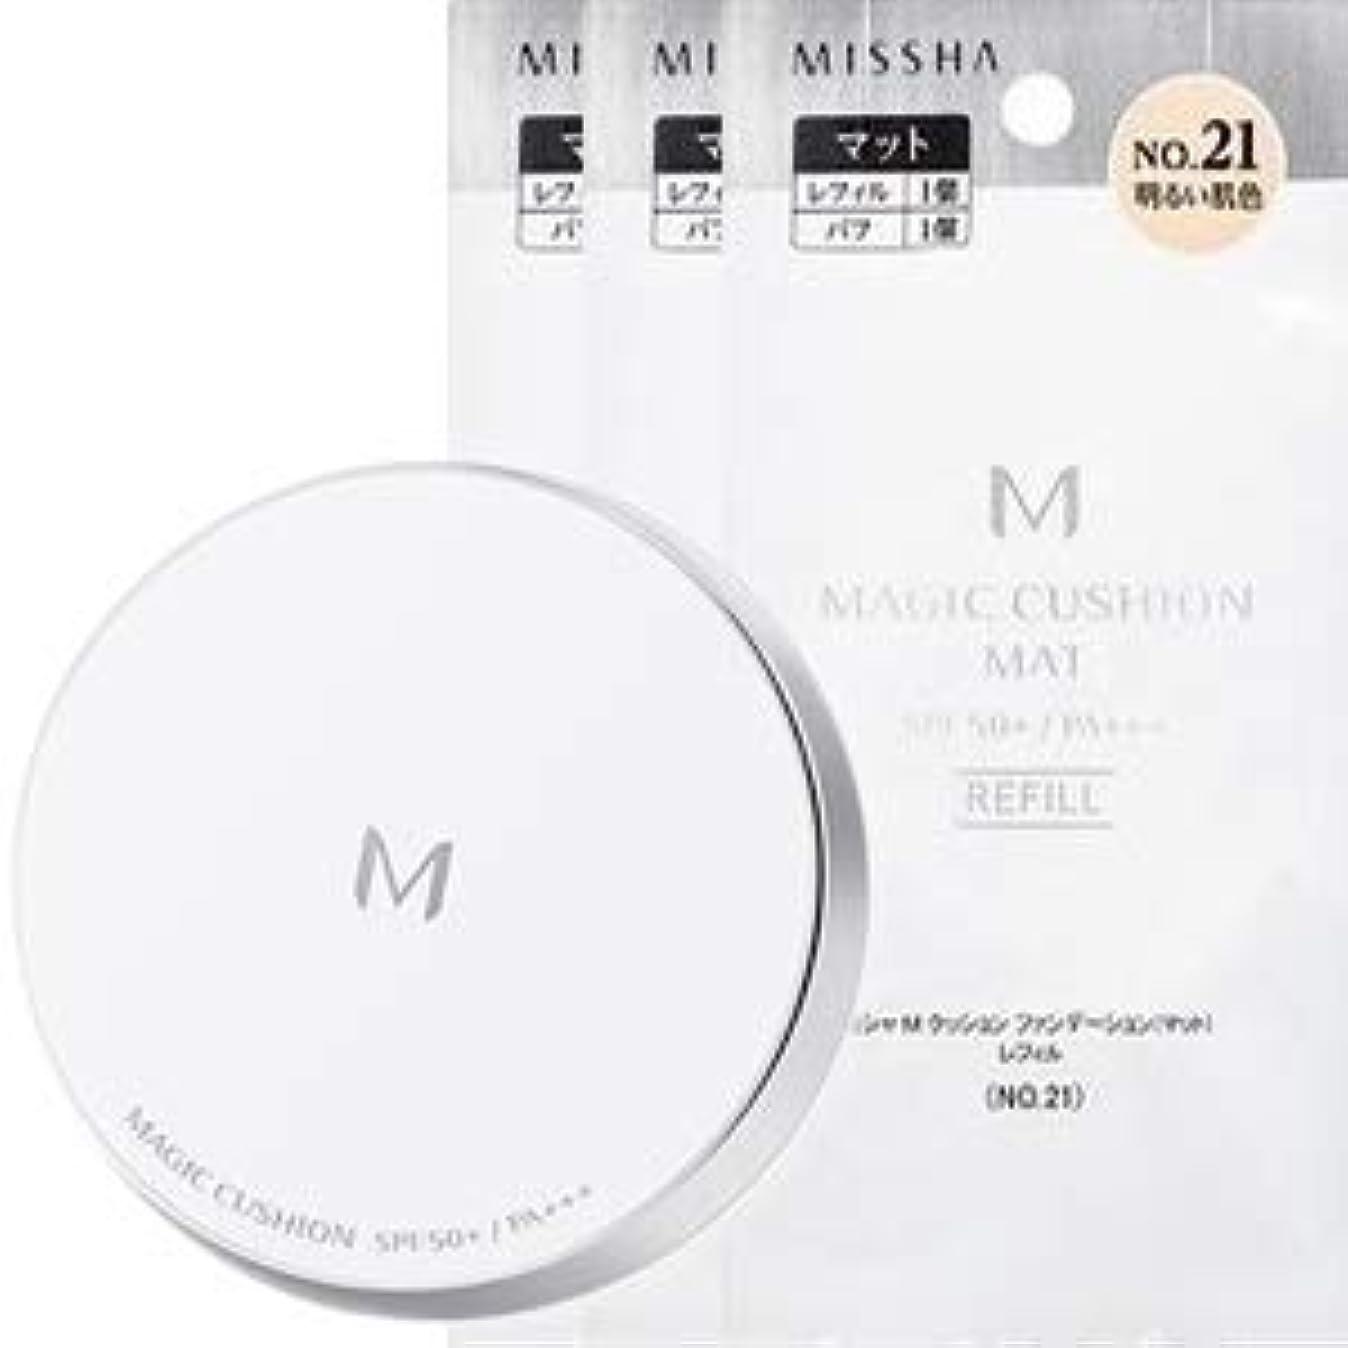 常習者考案するボットミシャ M クッション ファンデーション (マット) No.21 本体 + レフィル 3点セット